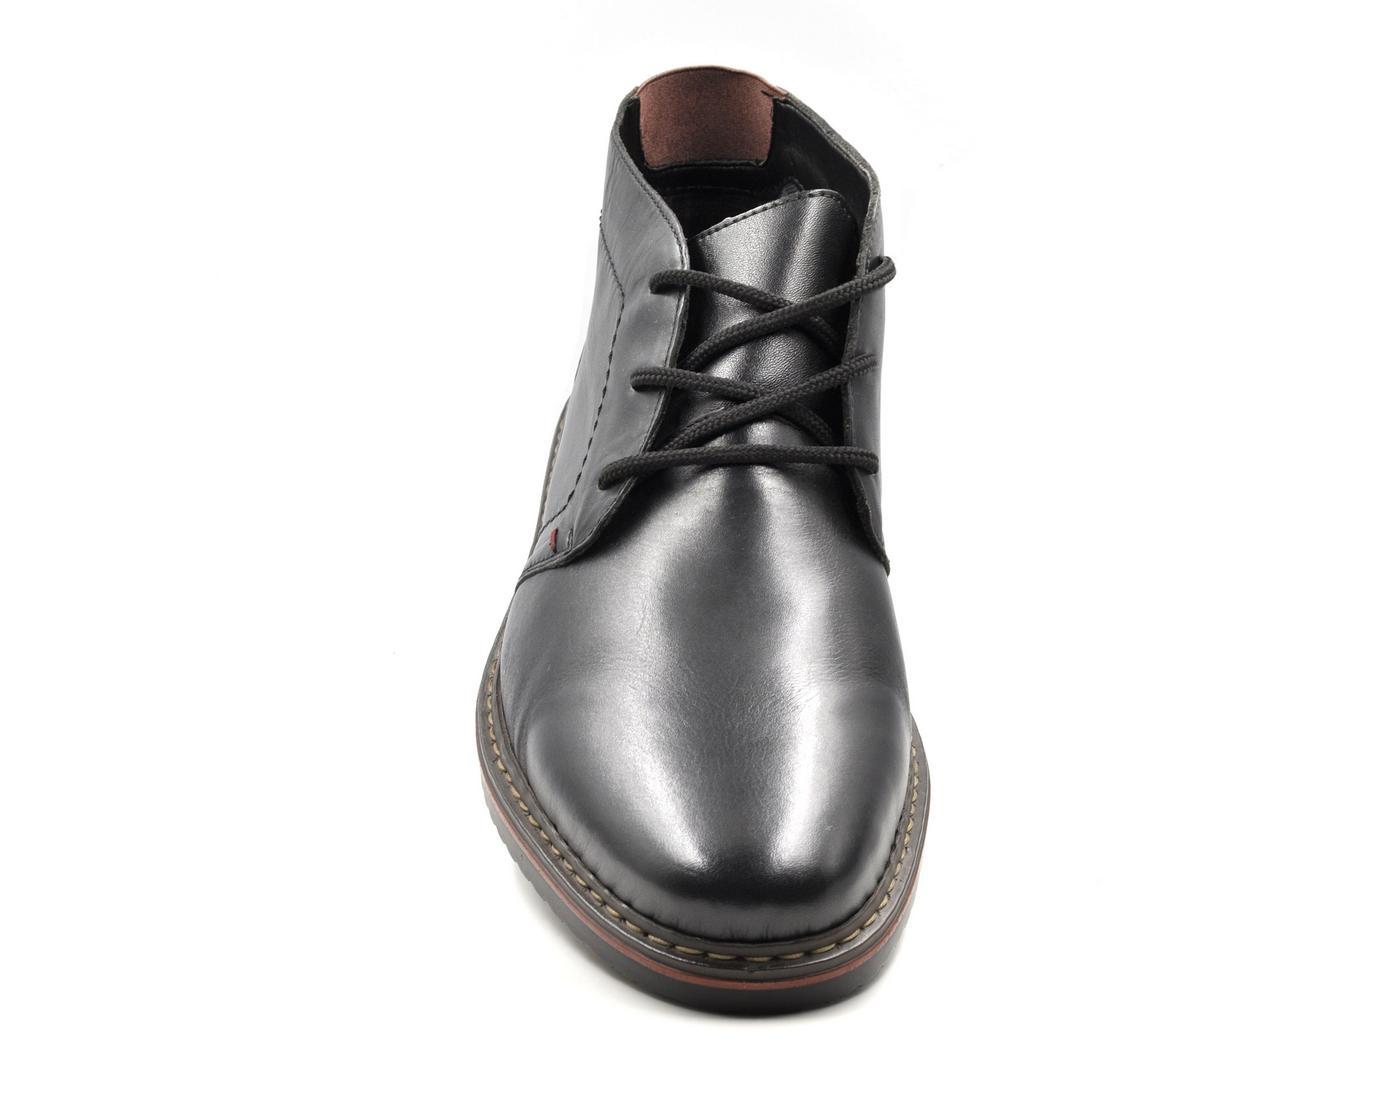 Ανδρικό μποτάκι μαύρο 30423 - tatogloushoes.gr 4ddecfa5468